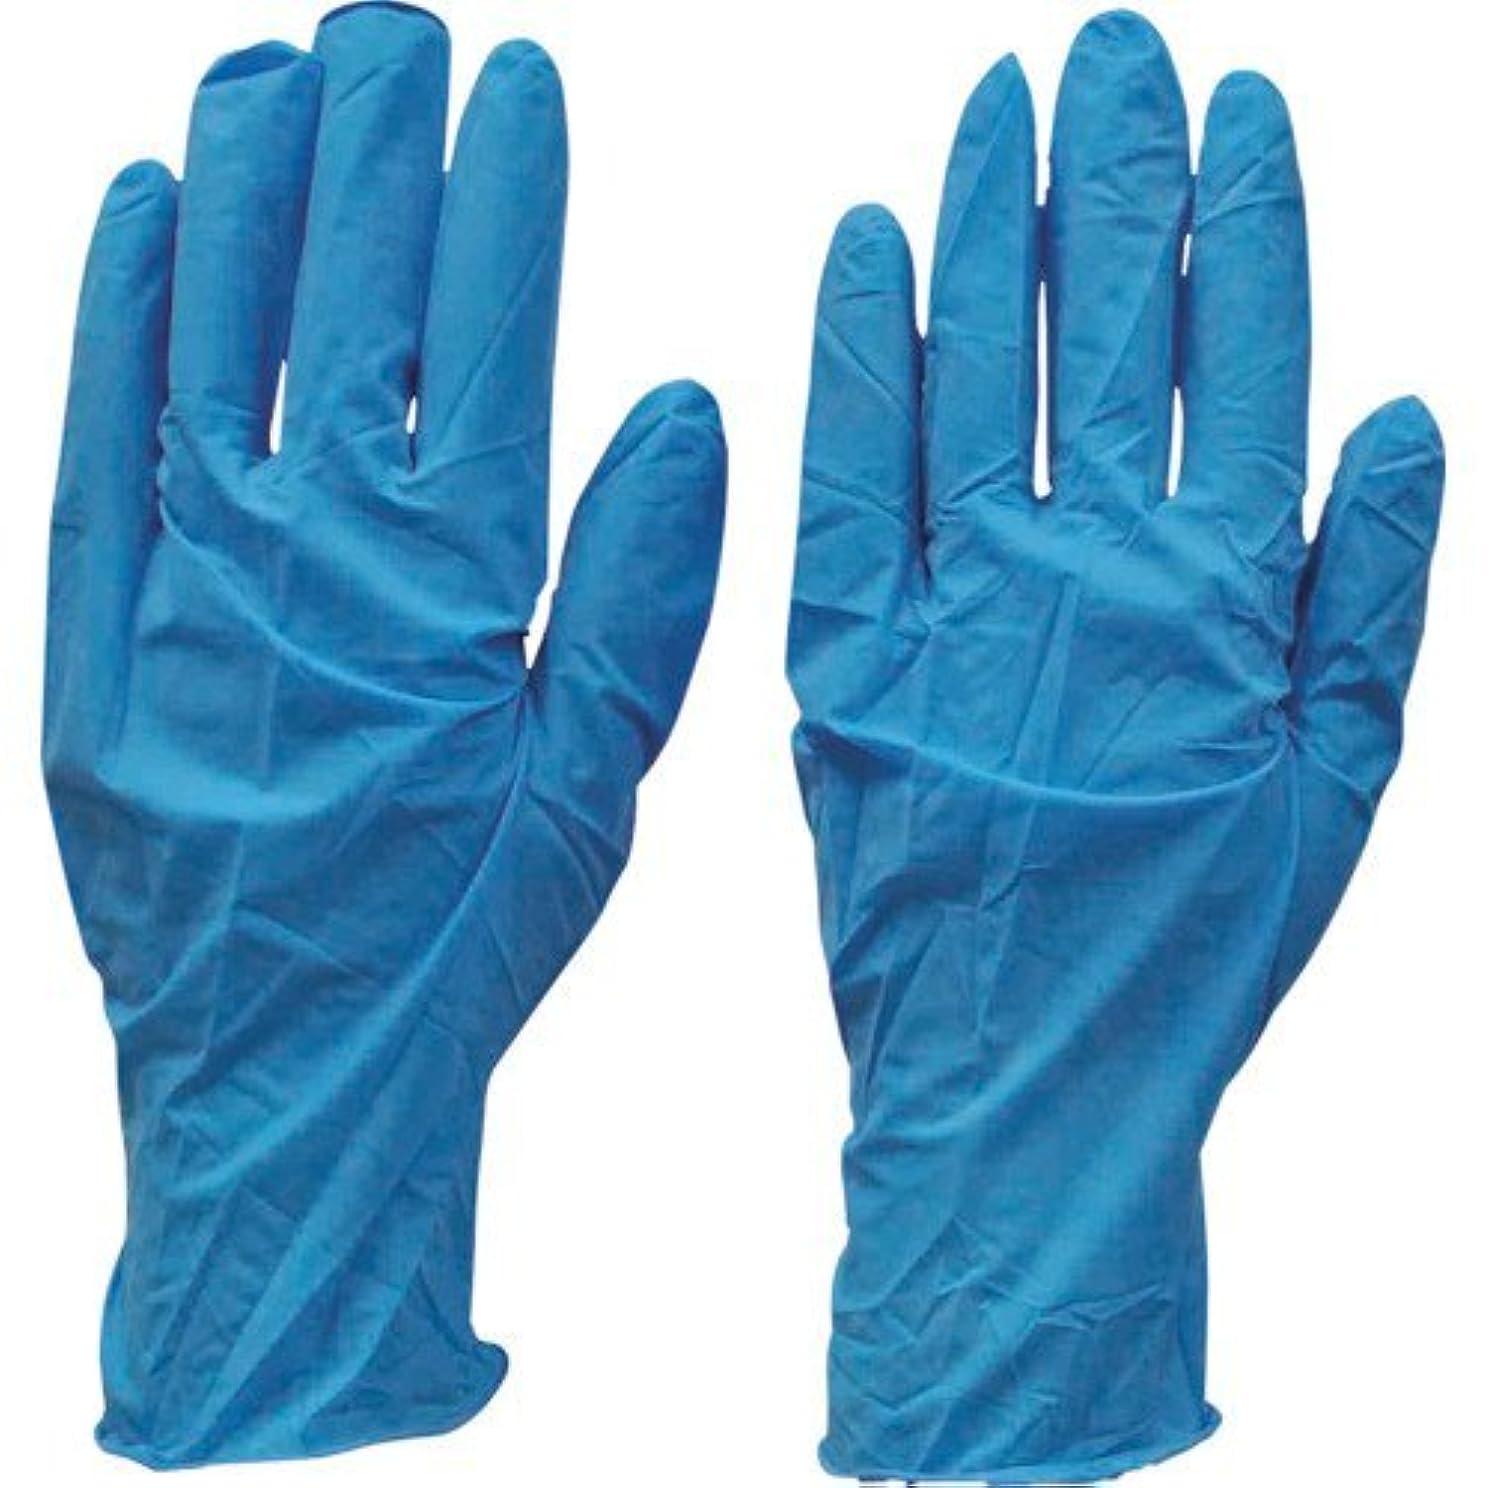 近所の流ブレスダンロップ N-211 天然ゴム極うす手袋100枚入 Mブルー N211MB